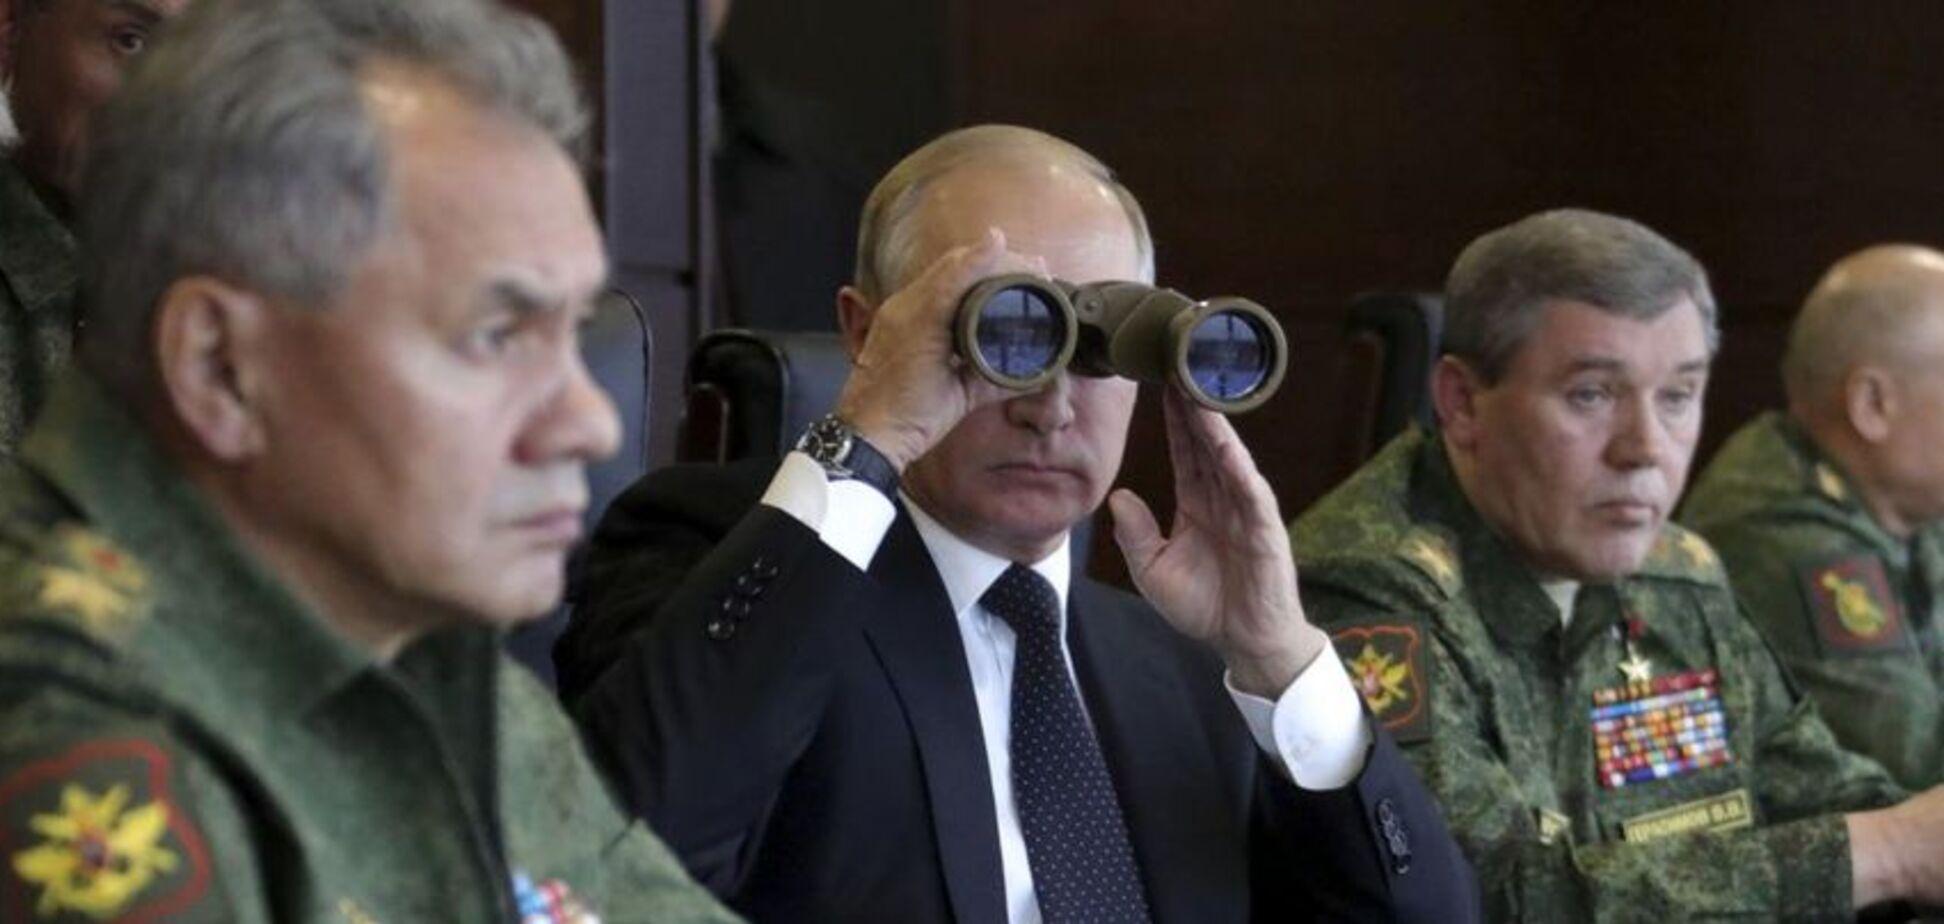 Путін займе місце Лукашенка? У Росії оцінили можливість анексії Білорусі